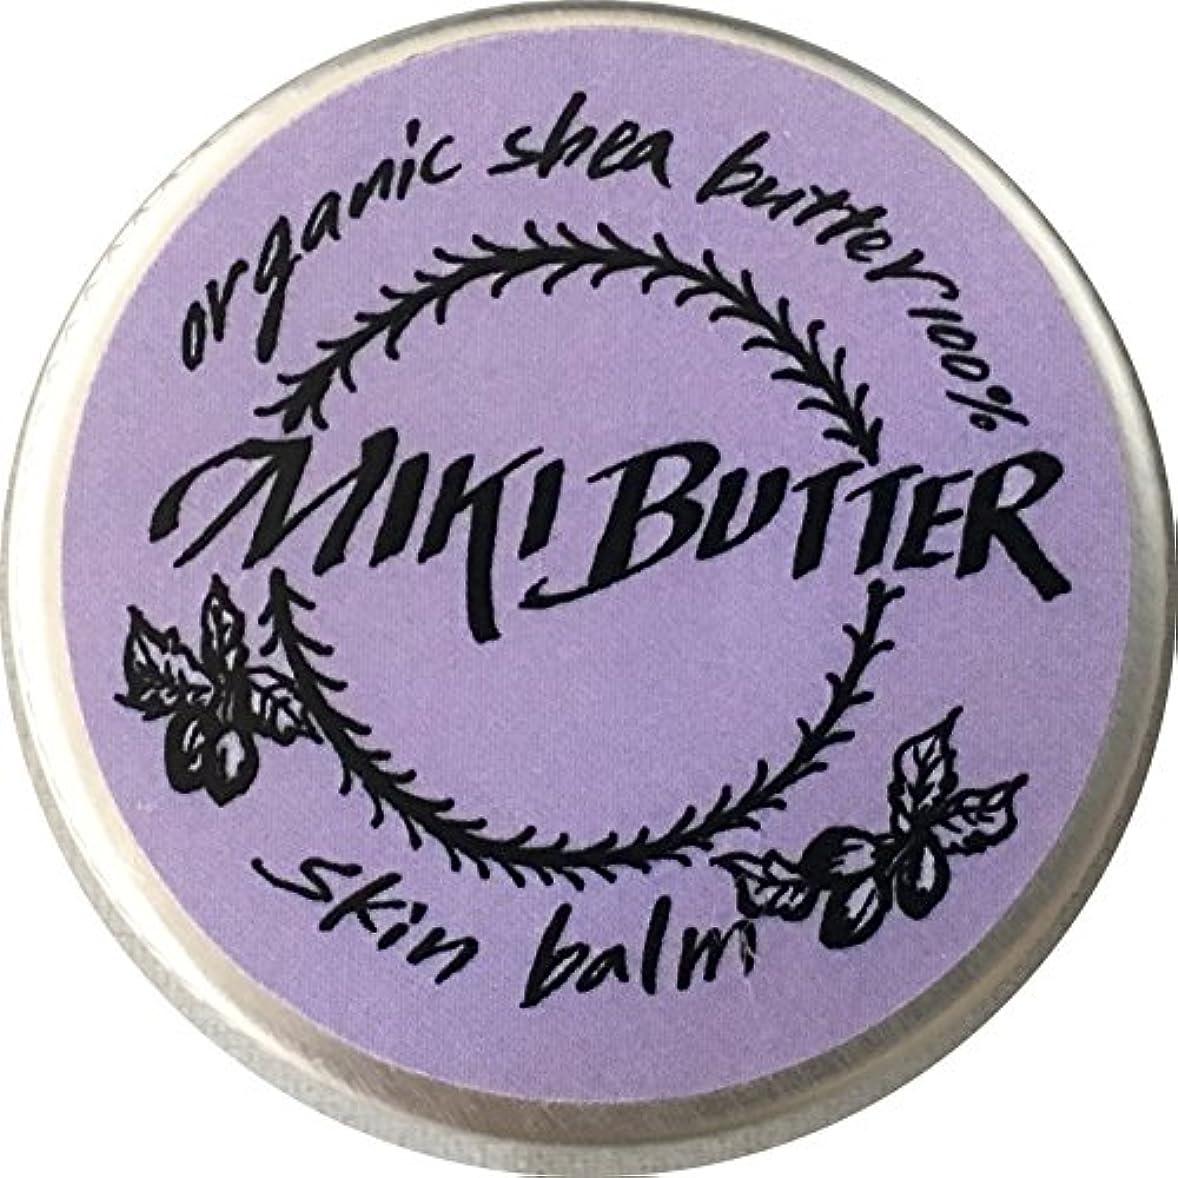 垂直対応実験100%天然シアバター ミキバター (ラベンダー, 15)